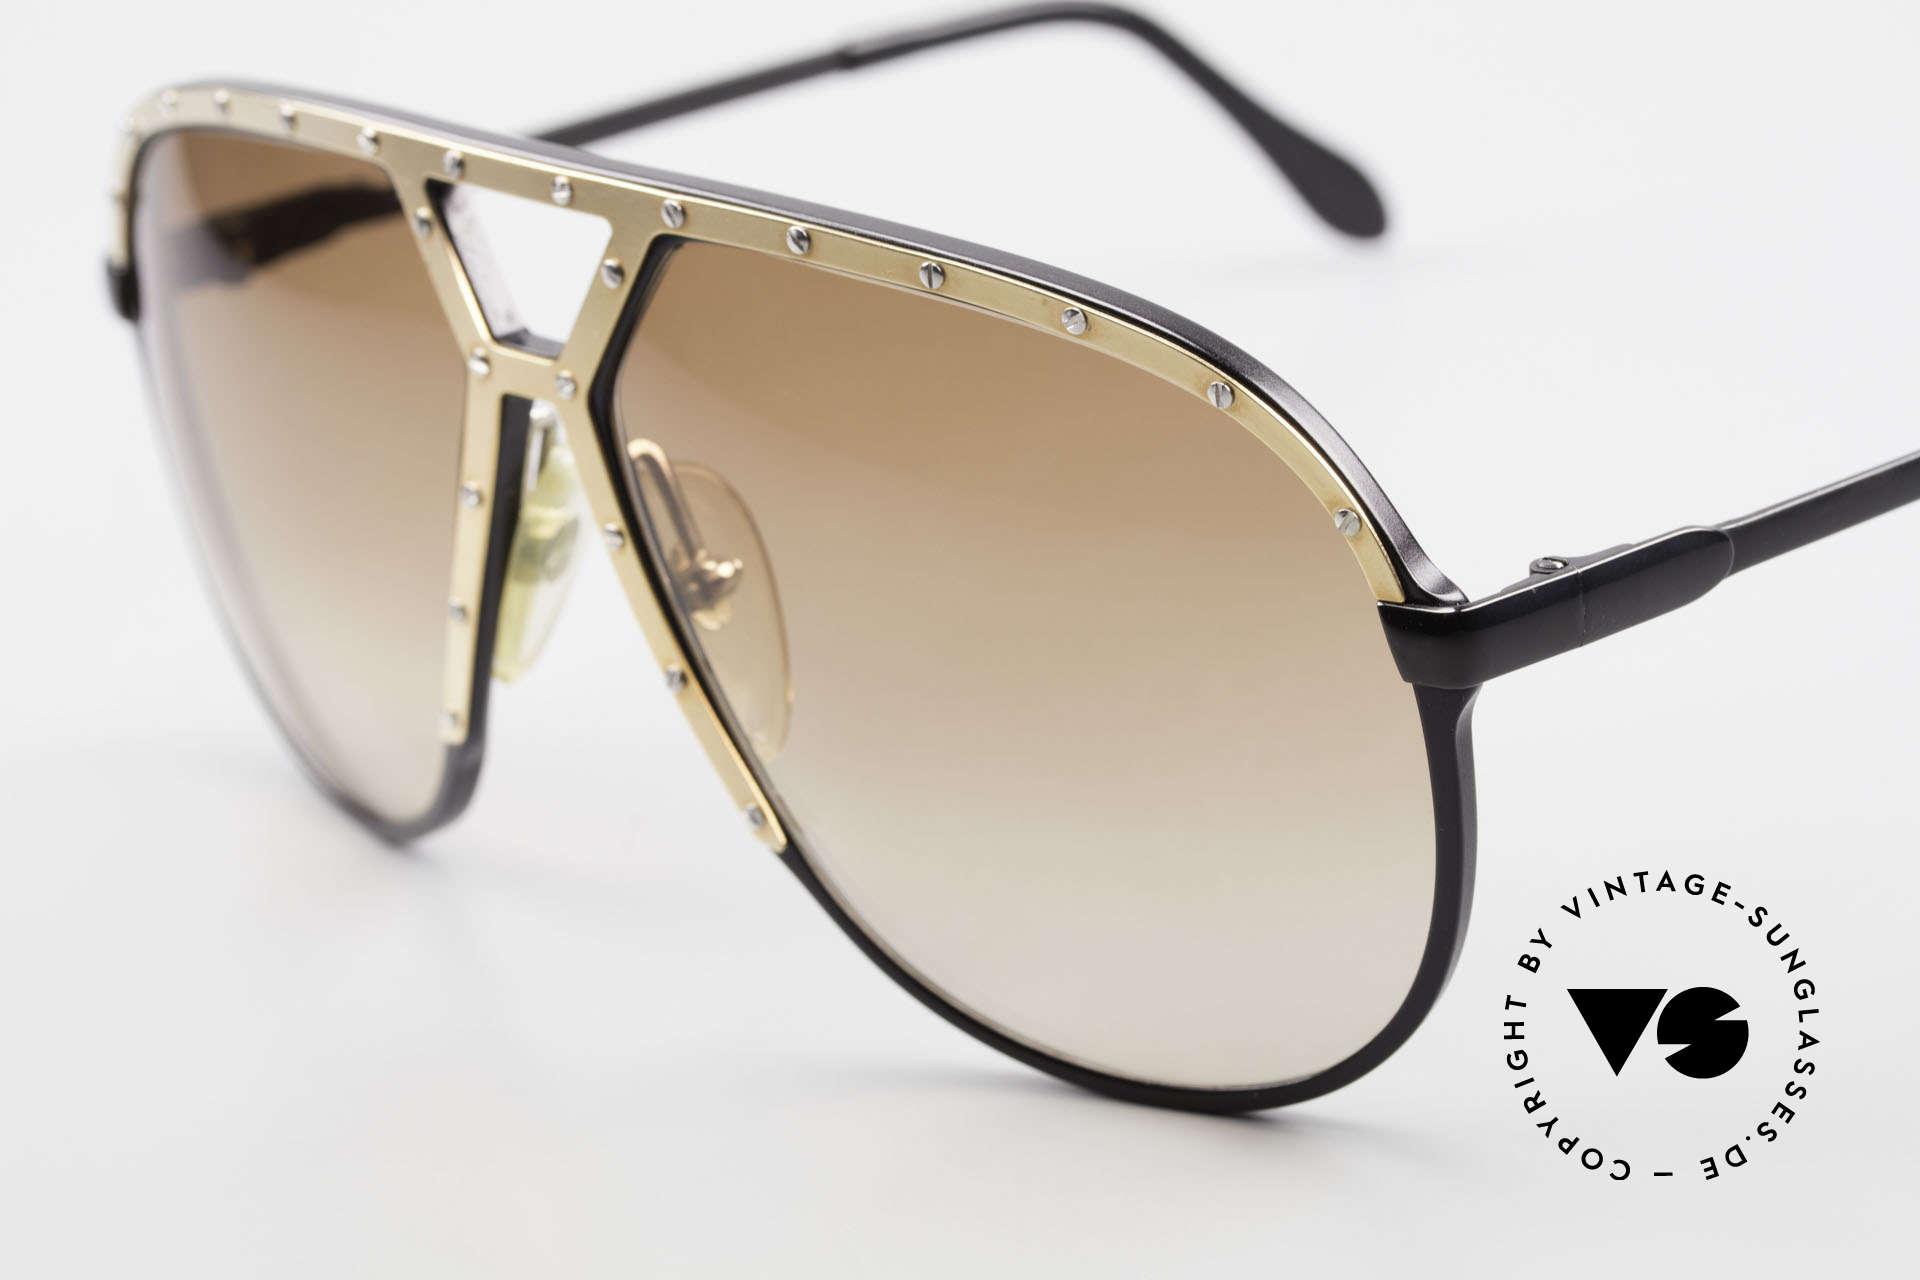 Alpina M1 80er Brille Keine Retrobrille, hier die Version: schwarz-gold-silber(Schrauben), Passend für Herren